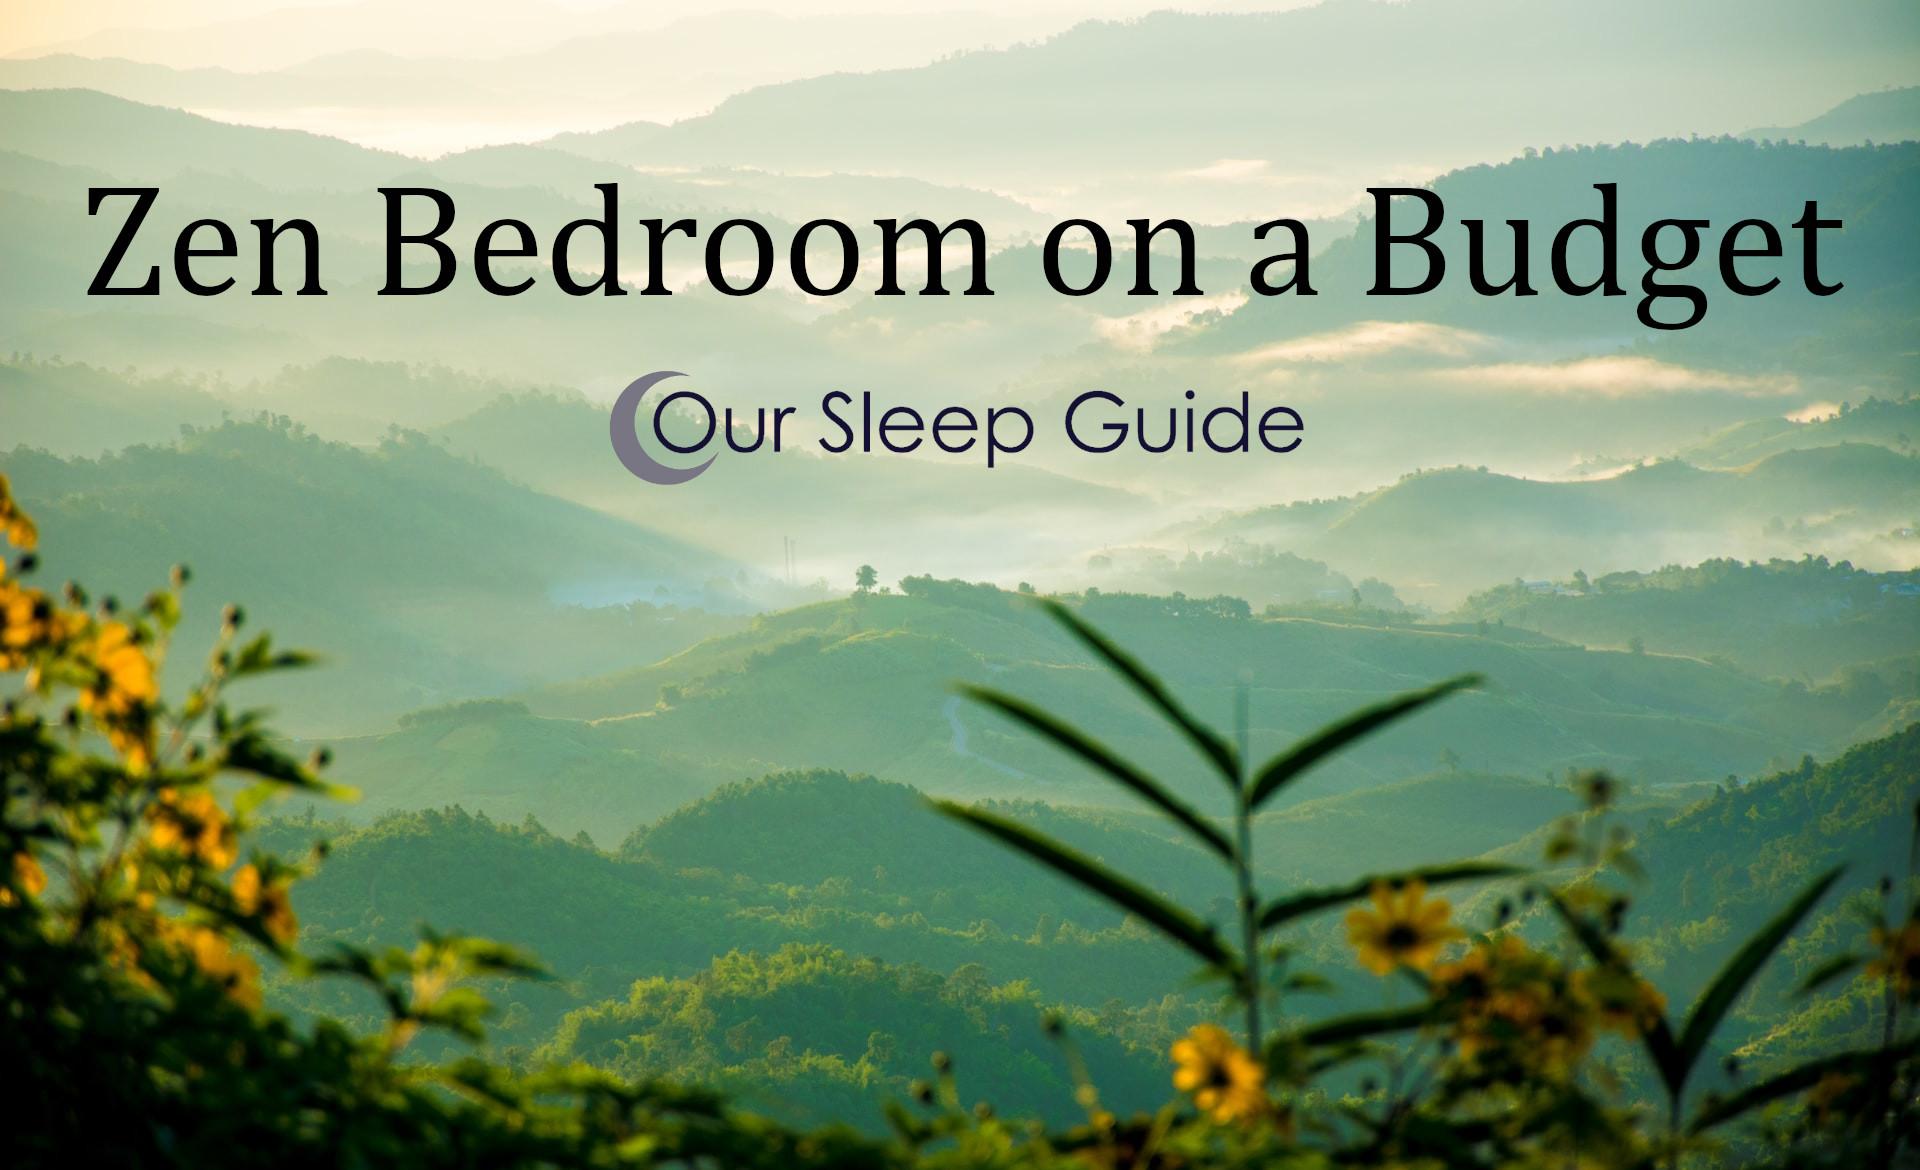 zen bedroom on a budget